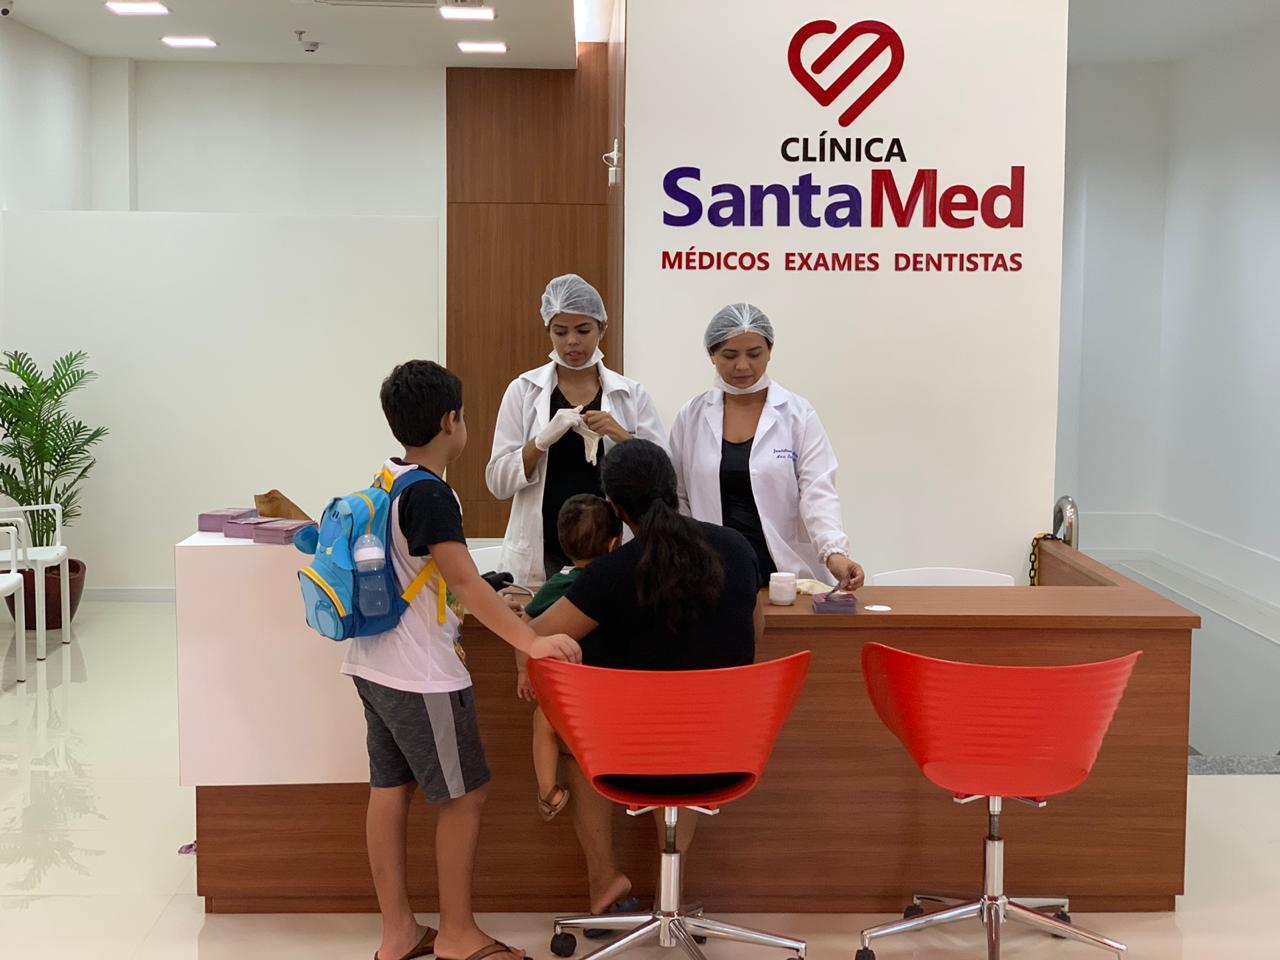 a3261f79f North Shopping Jóquei recebe unidade da Clínica SantaMed